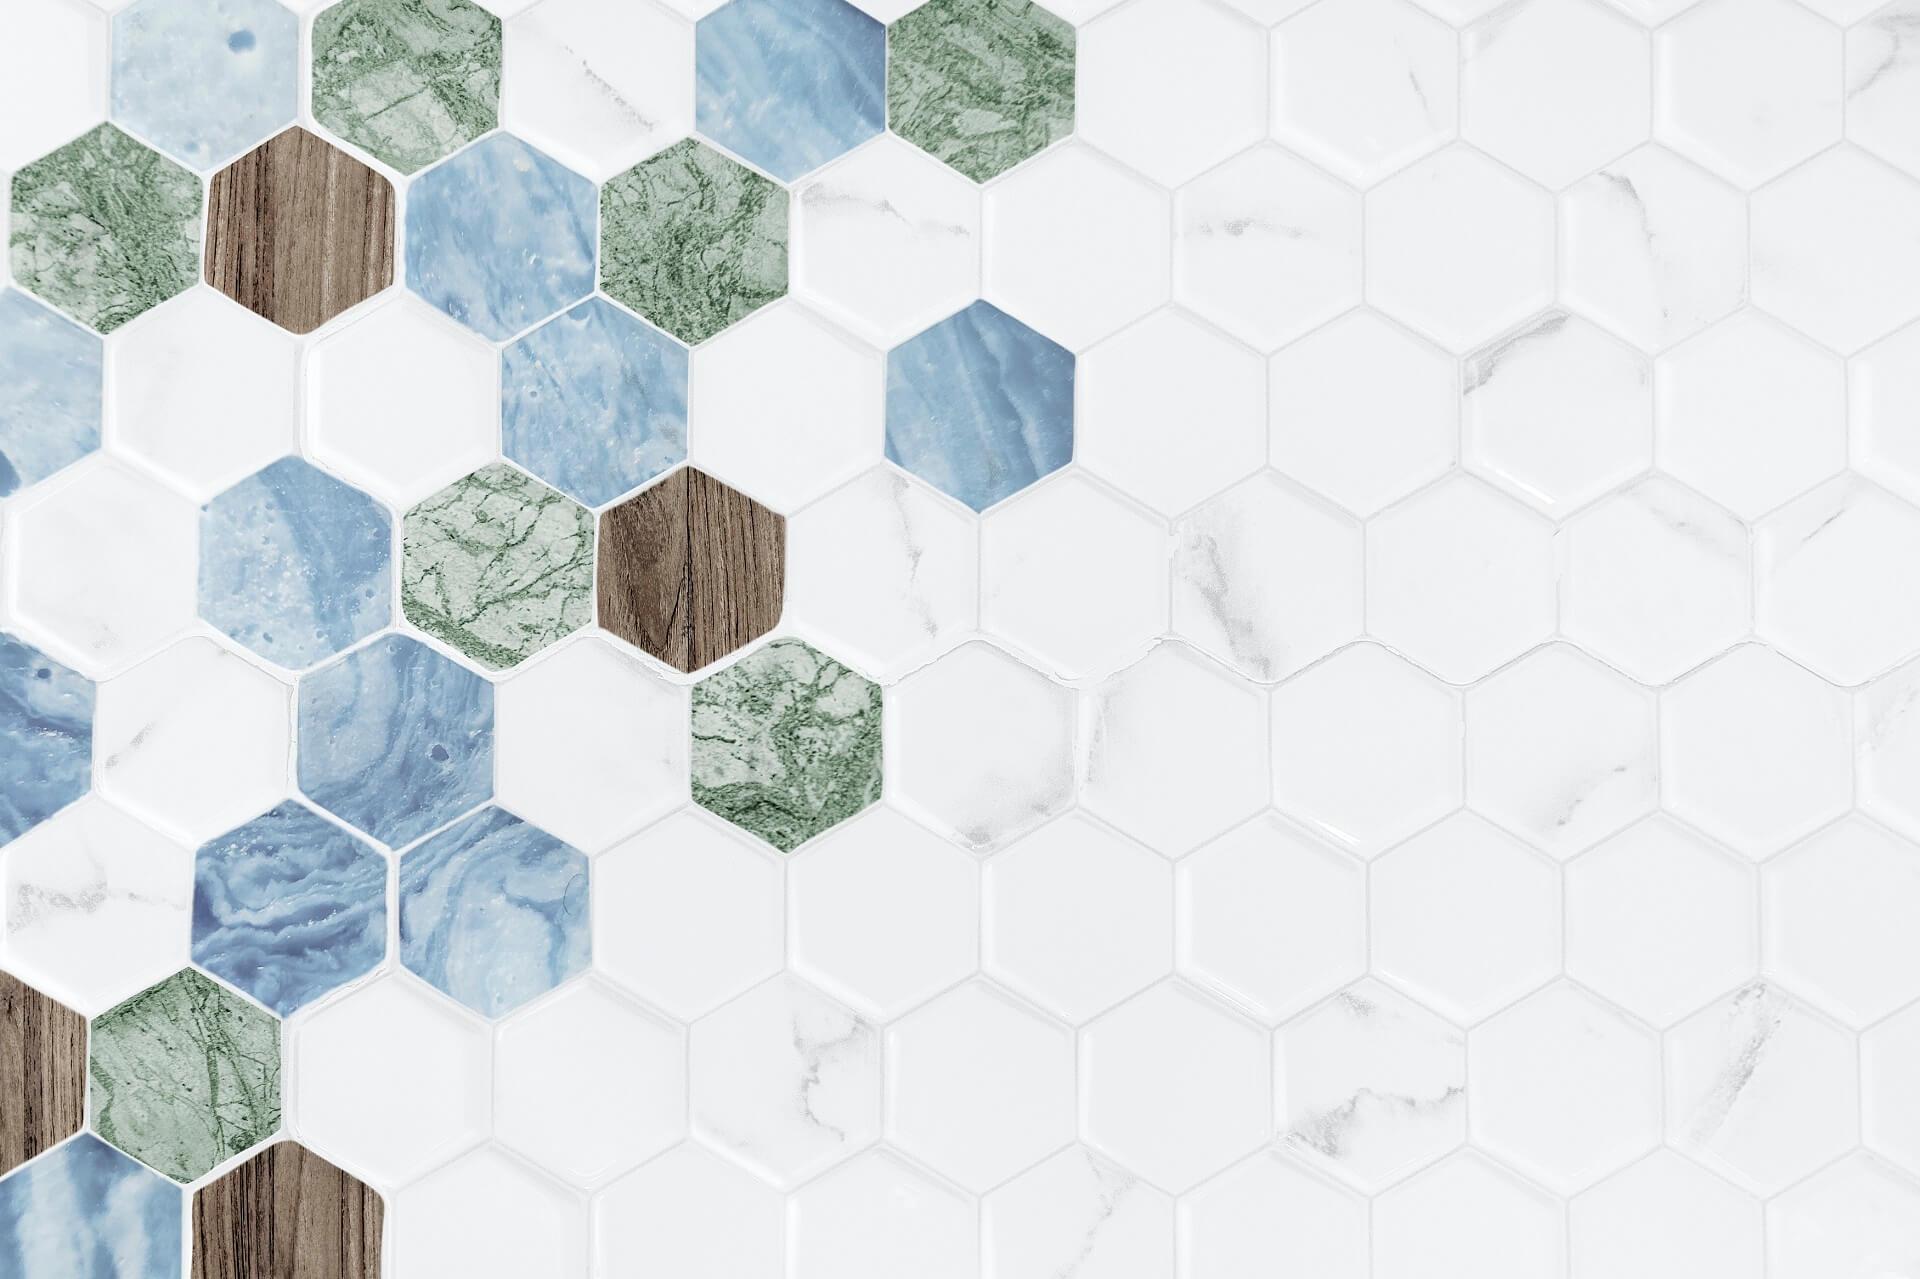 Forradalmi anyagok: az okosodó lábtörlőktől a raklapokig